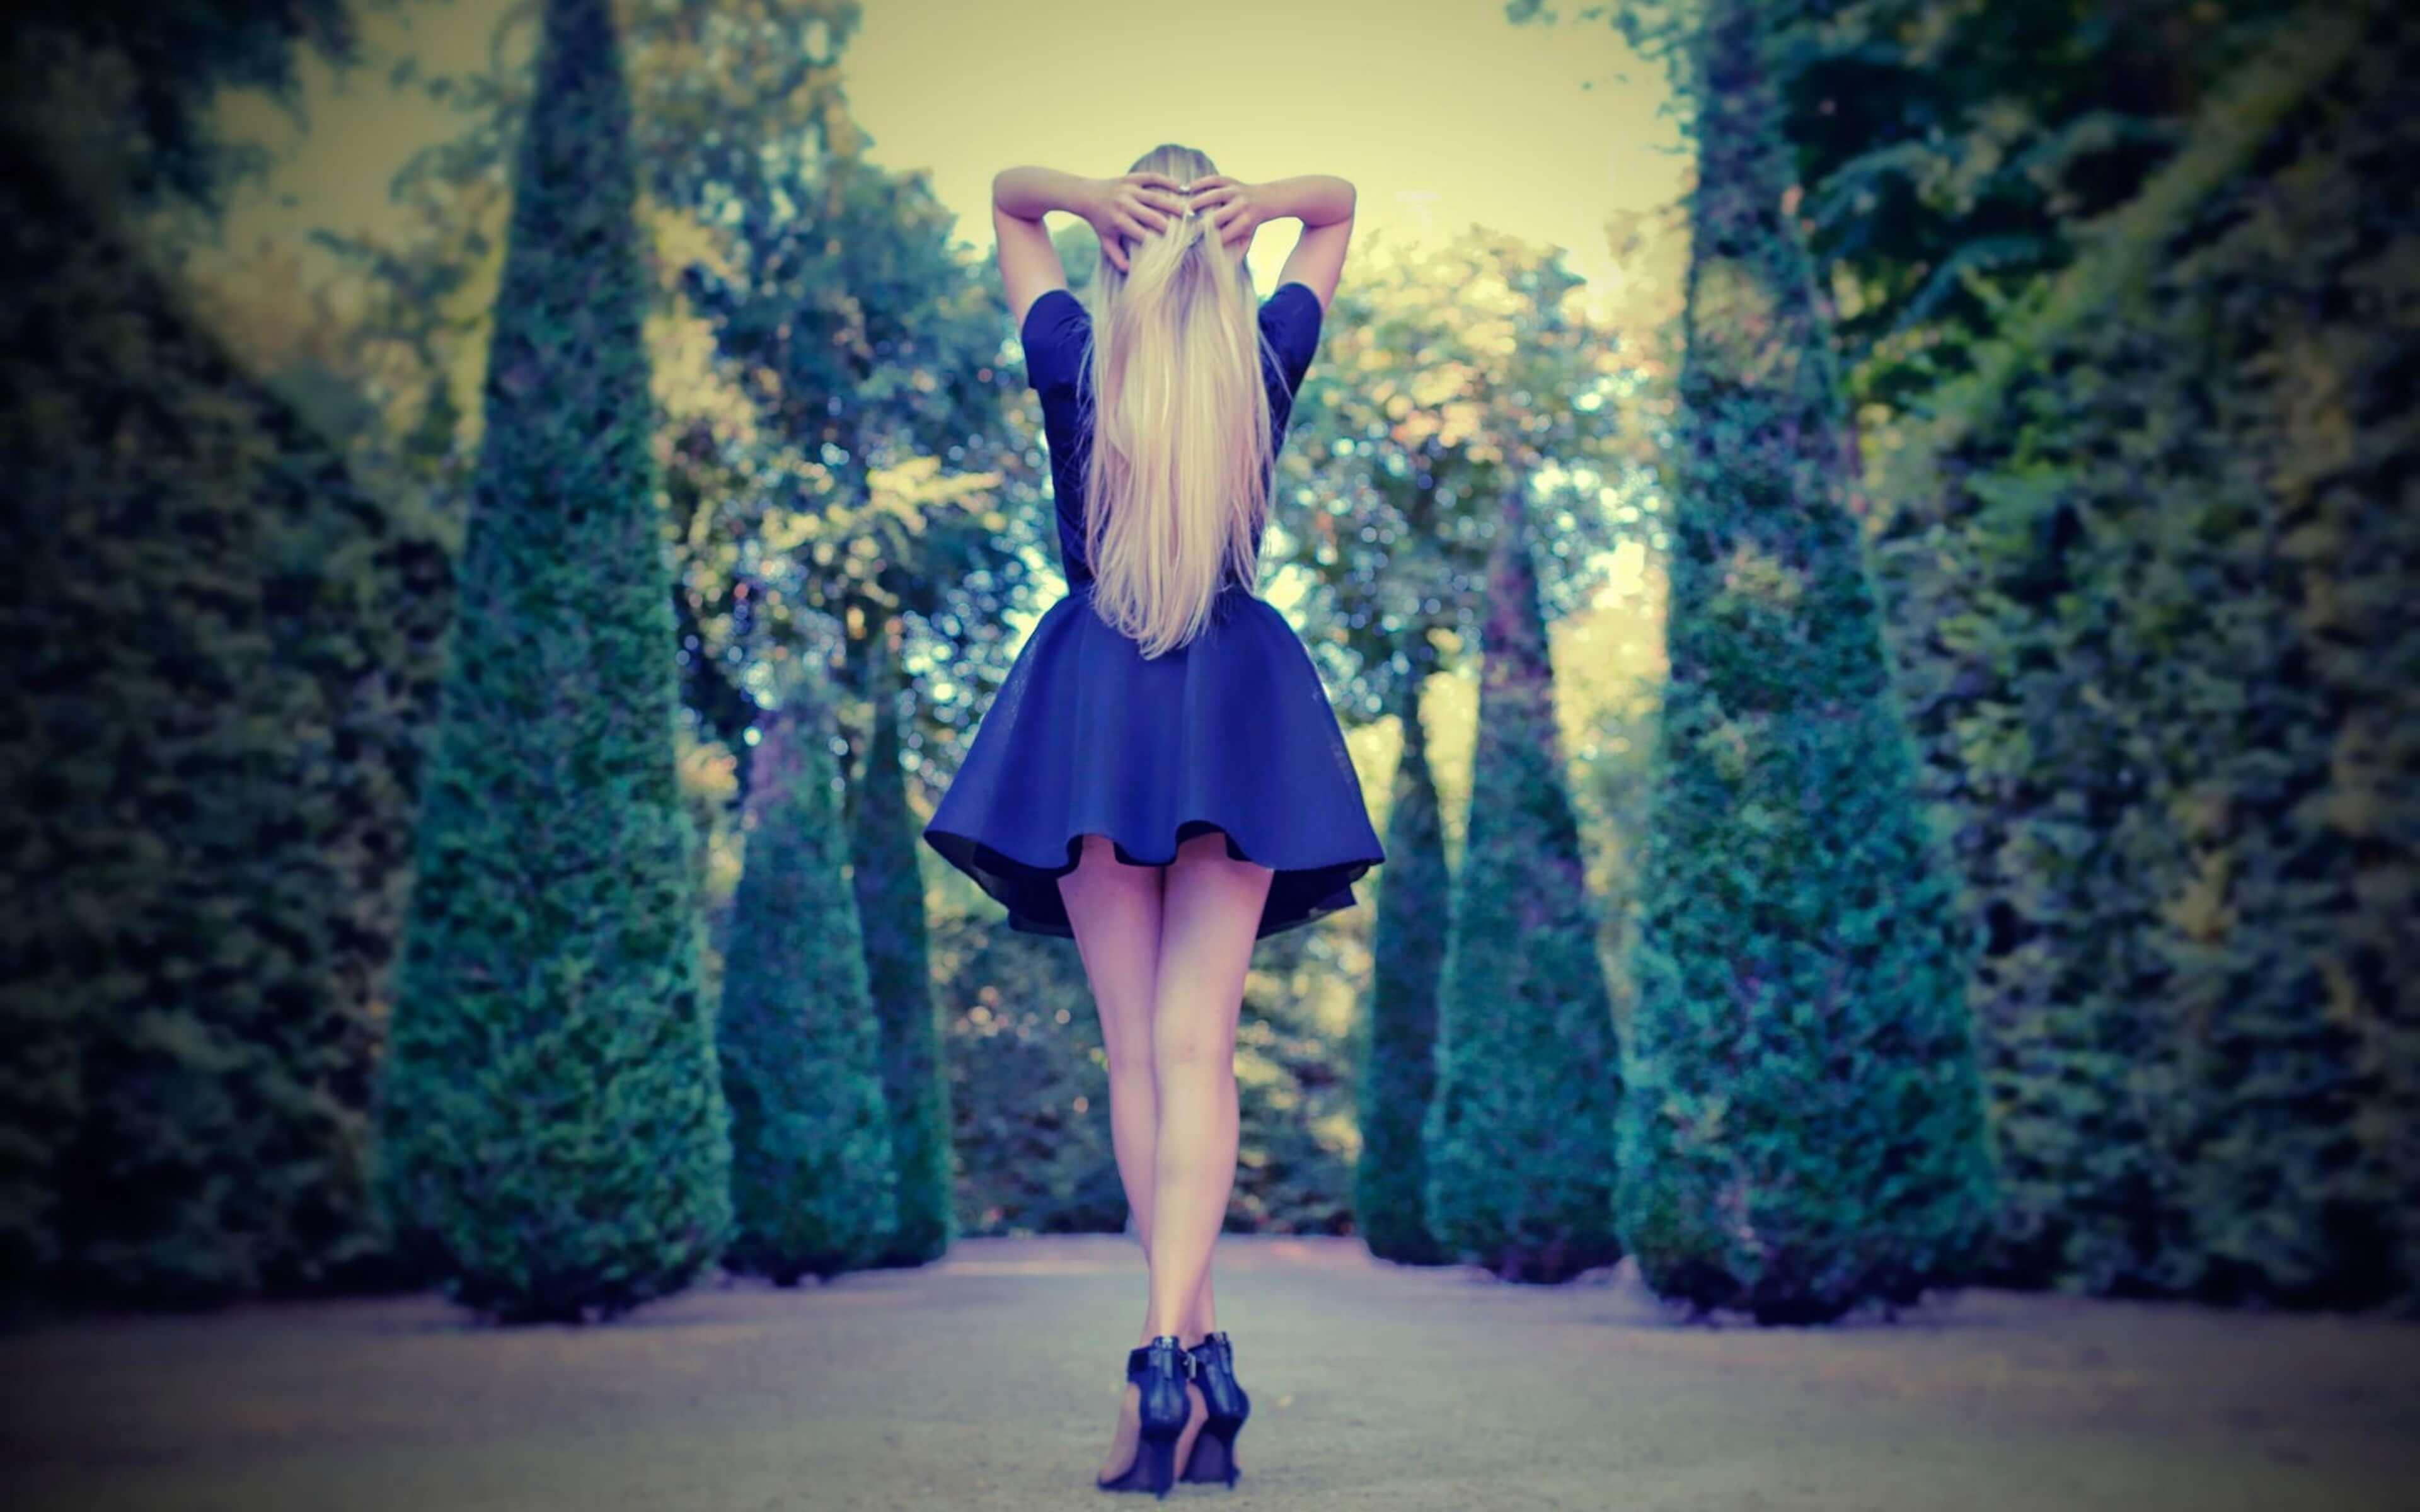 Картинки девушек на аву со спины - красивые и крутые 23